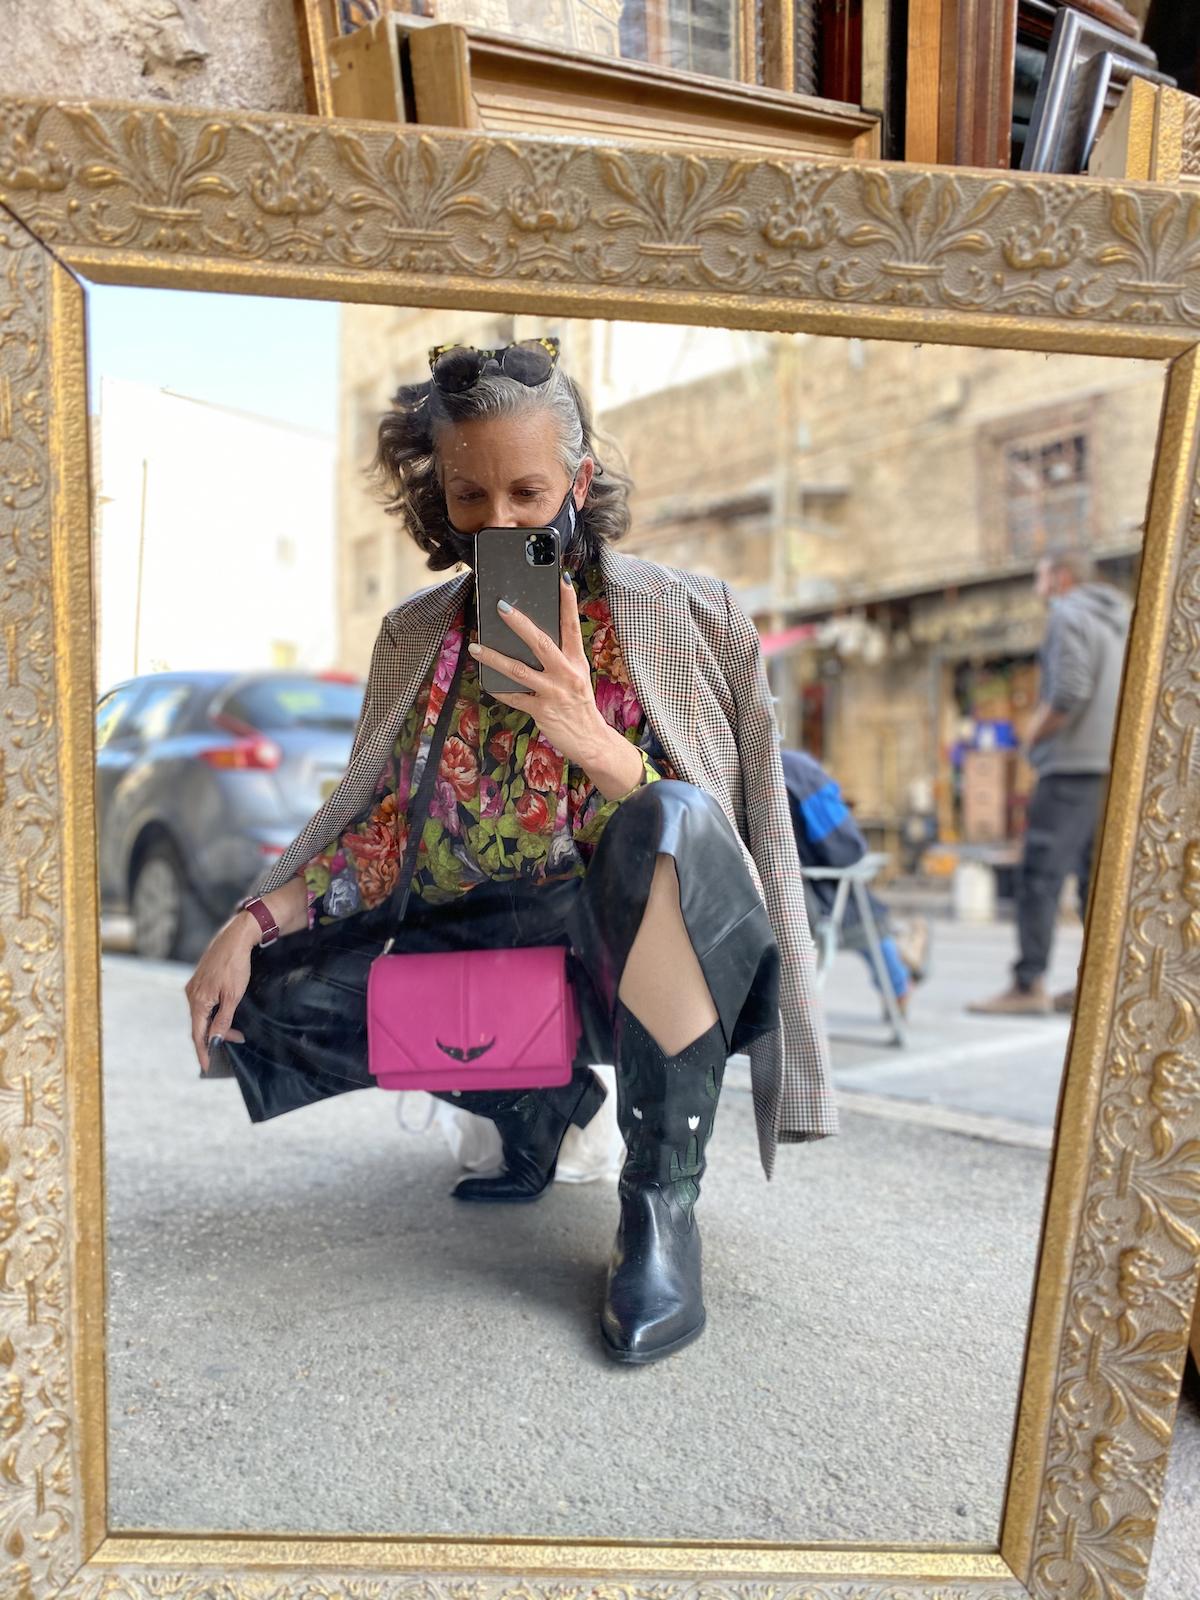 שוק הפשפשים חיפה סיור הקסם החיפאי